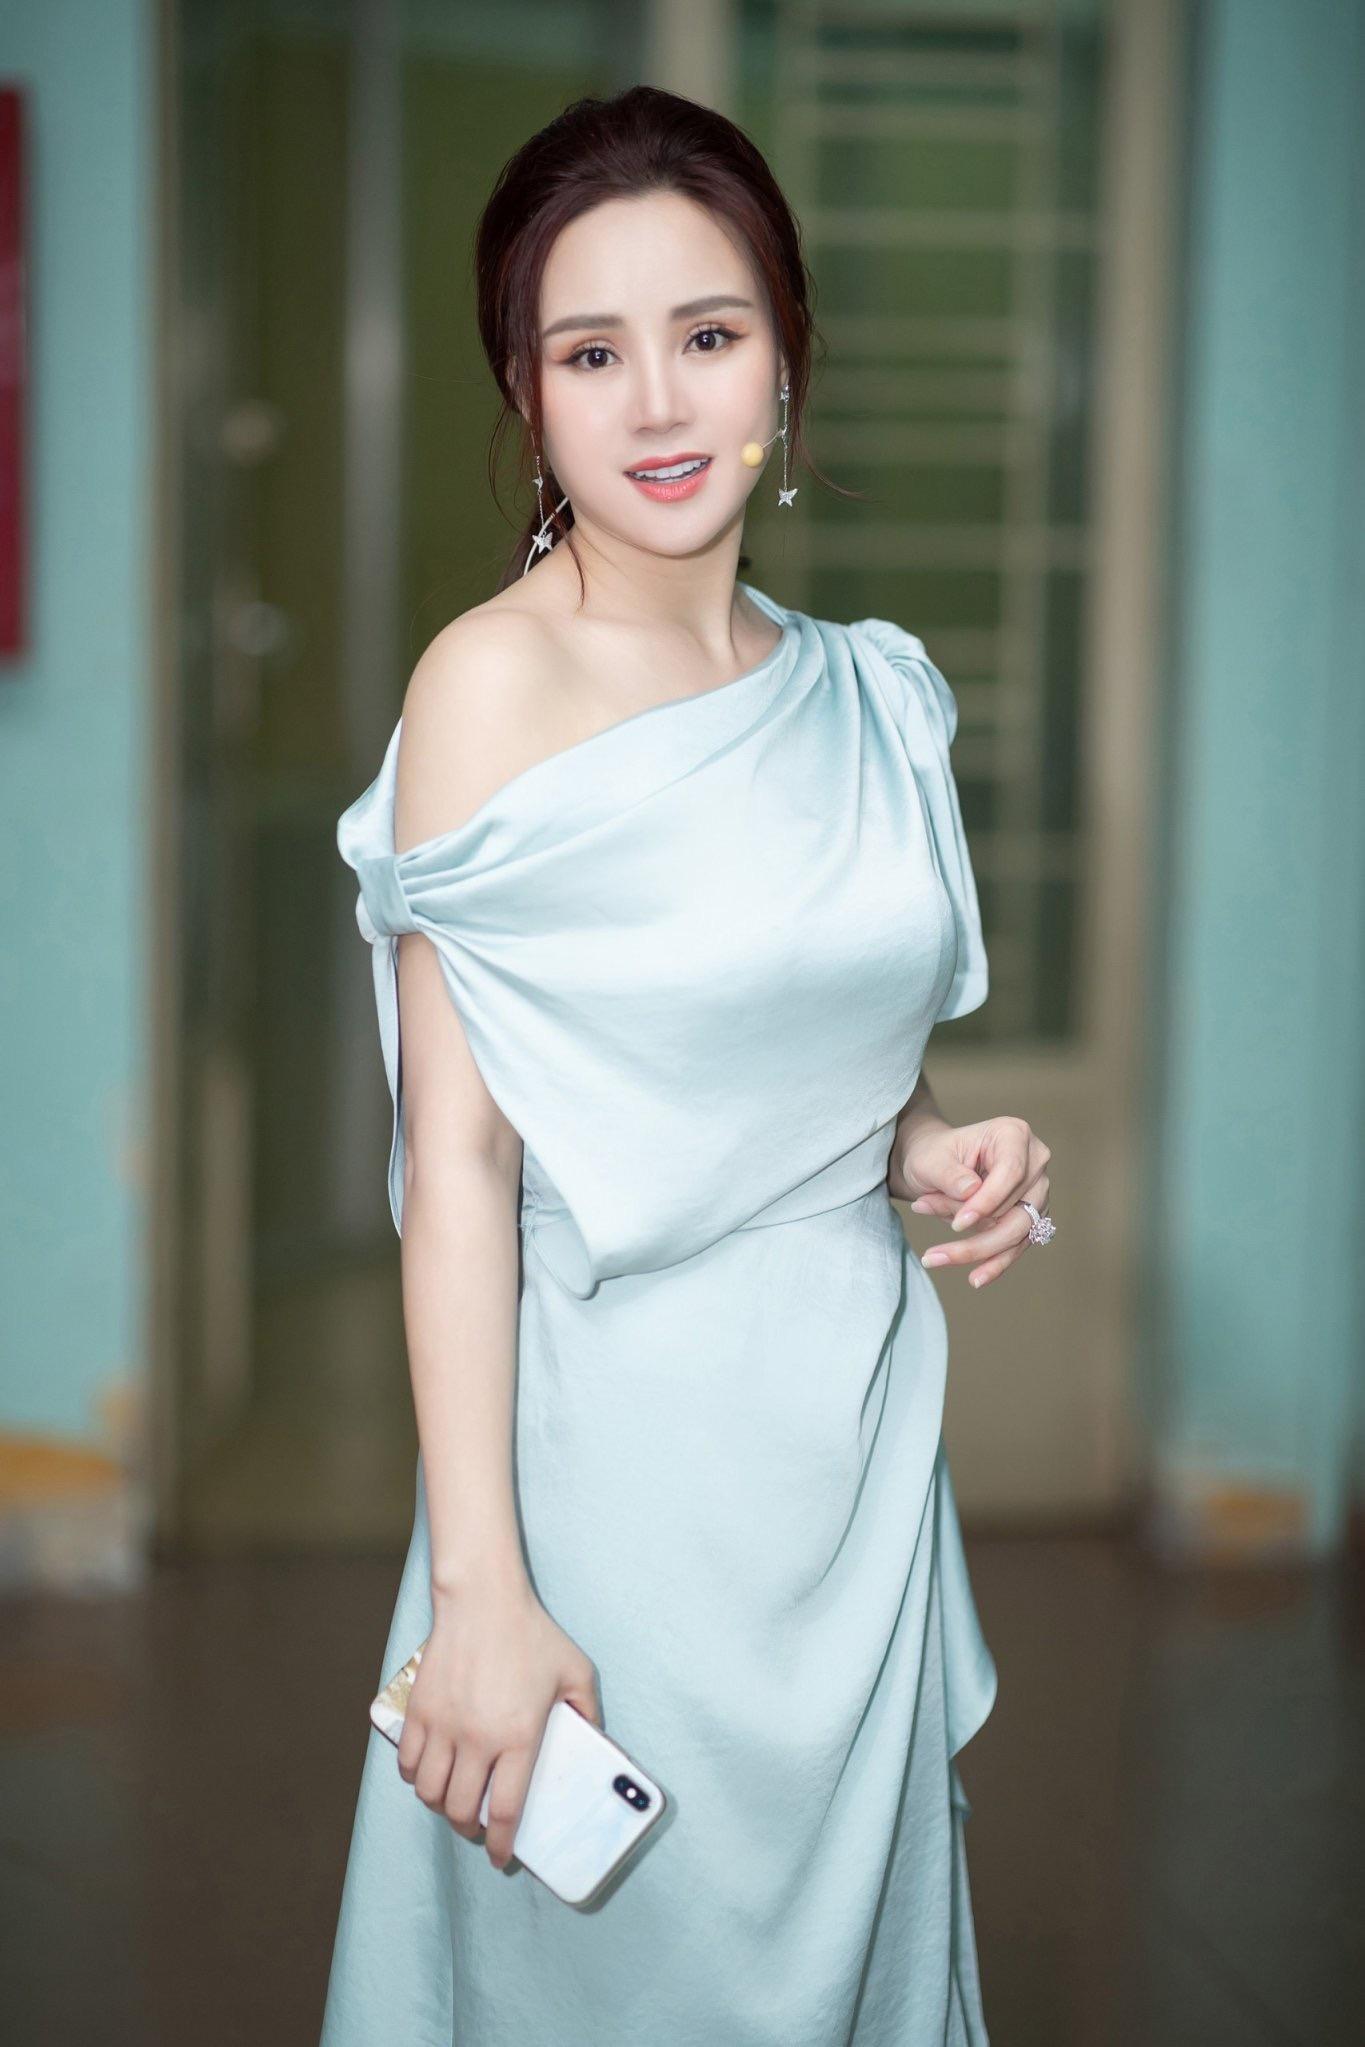 Cuộc chiến giữa bà Phương Hằng với showbiz Việt: Loạt sao hạng A bị réo tên, công an vào cuộc, liệu đã đến hồi kết? - Ảnh 12.